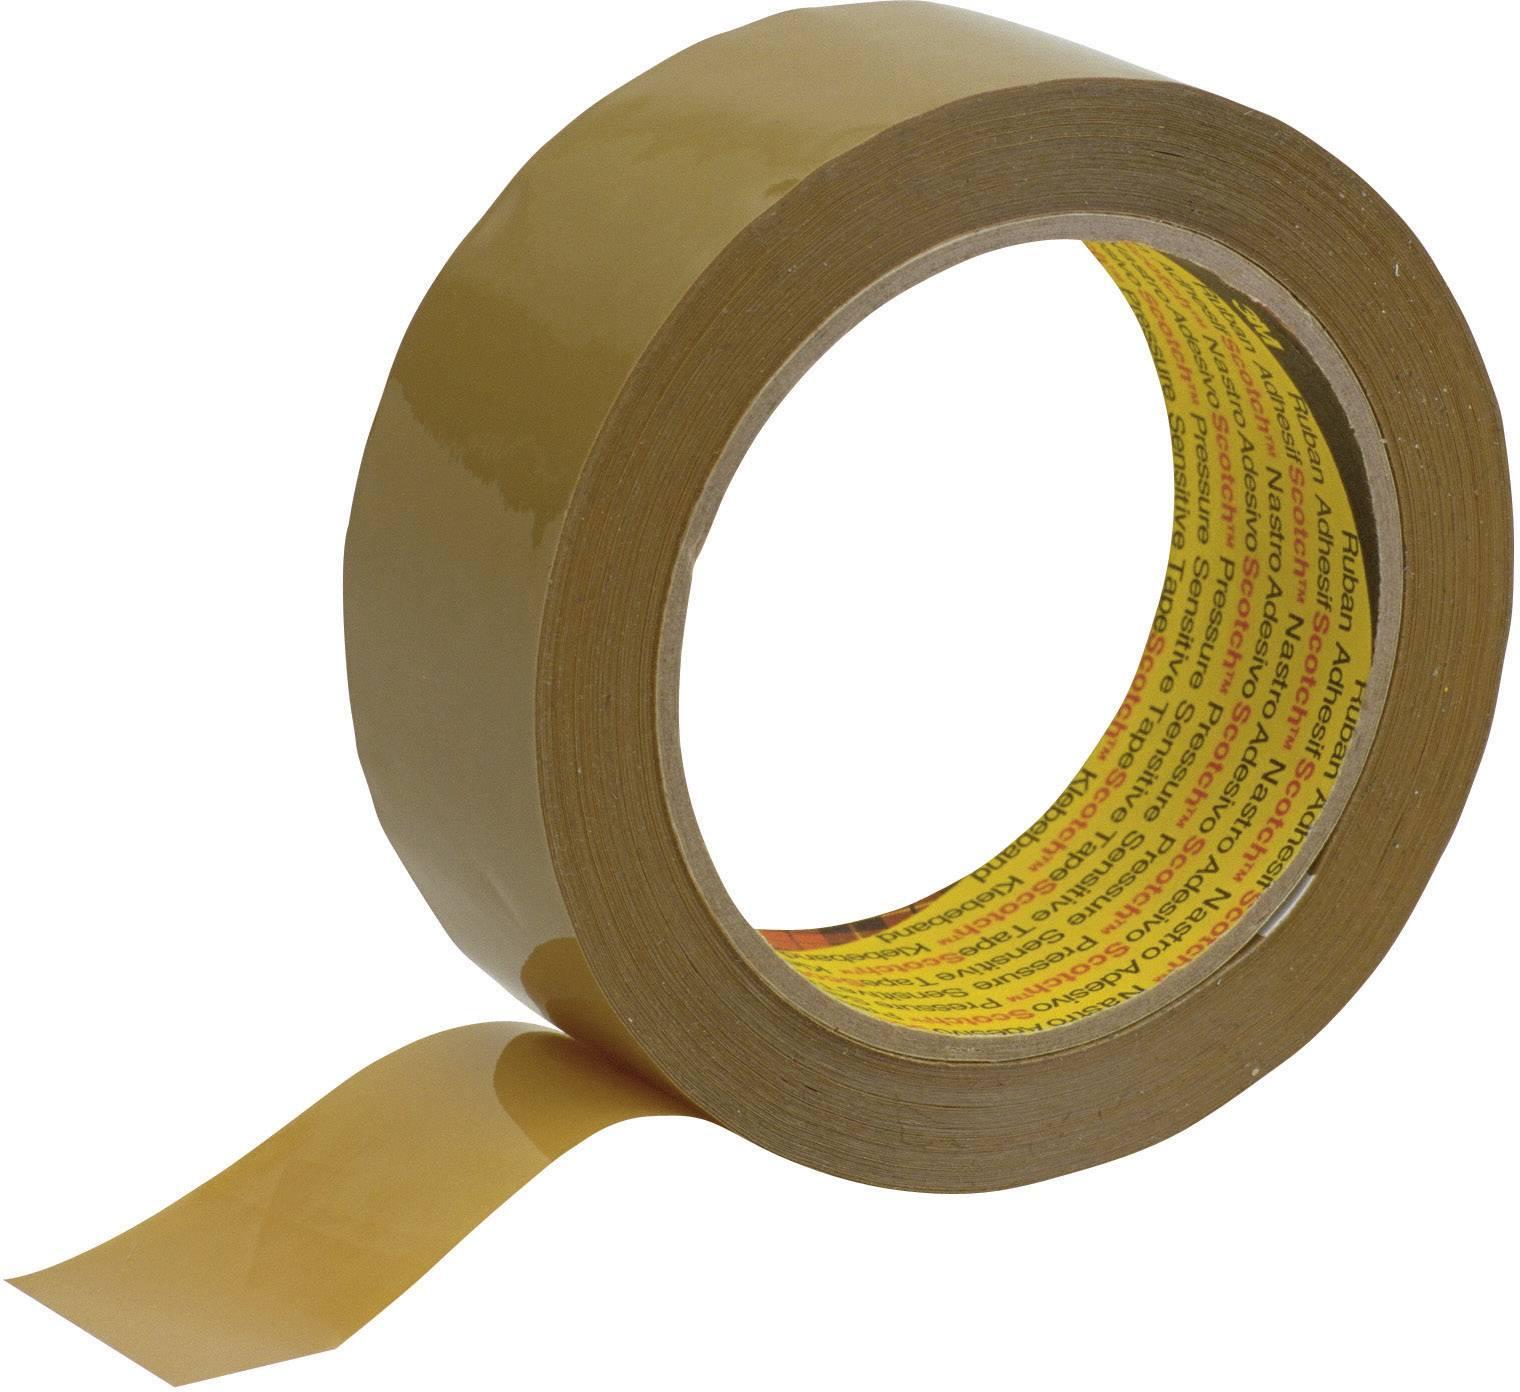 Lepicí páska 3M 305 KT-0000-3819-2, (d x š) 66 m x 50 mm, hnědá, 1 role